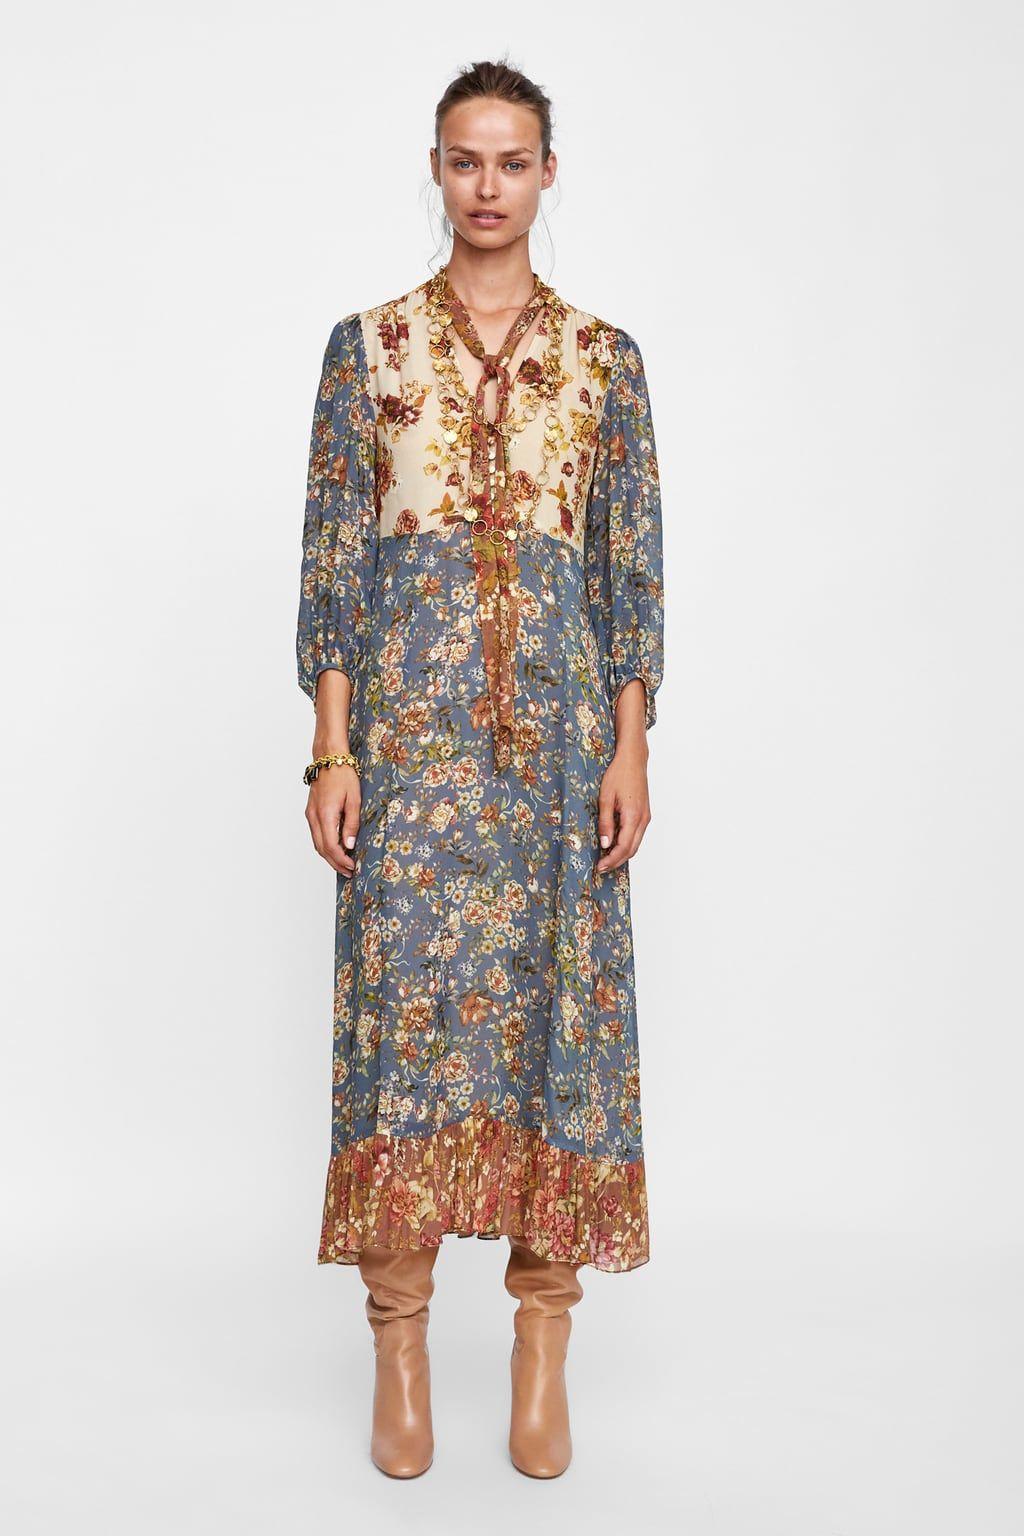 553f012c Image 1 of PATCHWORK PRINT DRESS from Zara Zara Dresses, Women's Dresses,  Zara Fashion